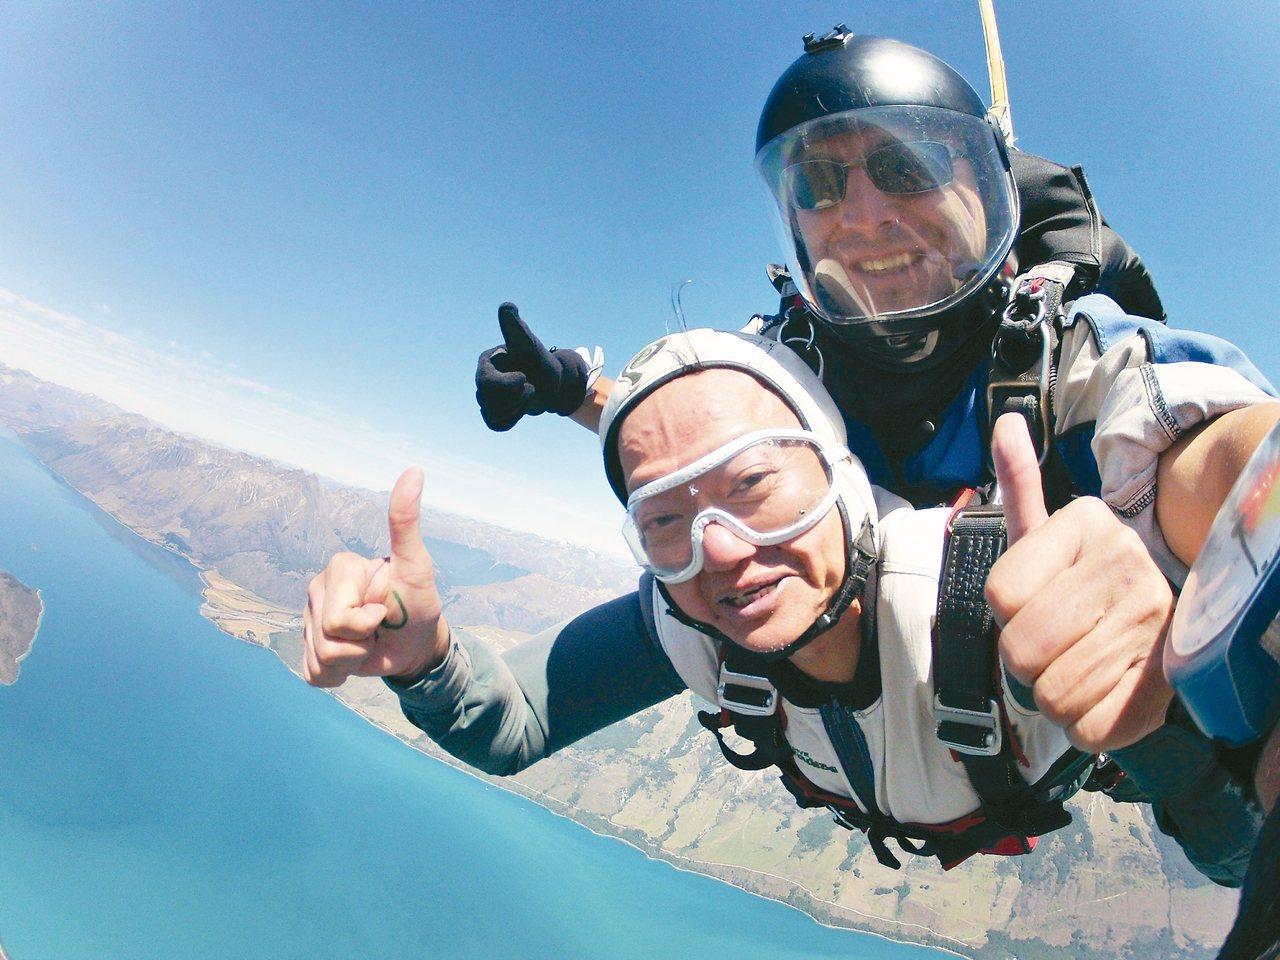 葉金川體驗高空跳傘,在高空上留下他愛玩、敢玩的足跡。圖/董氏基金會提供